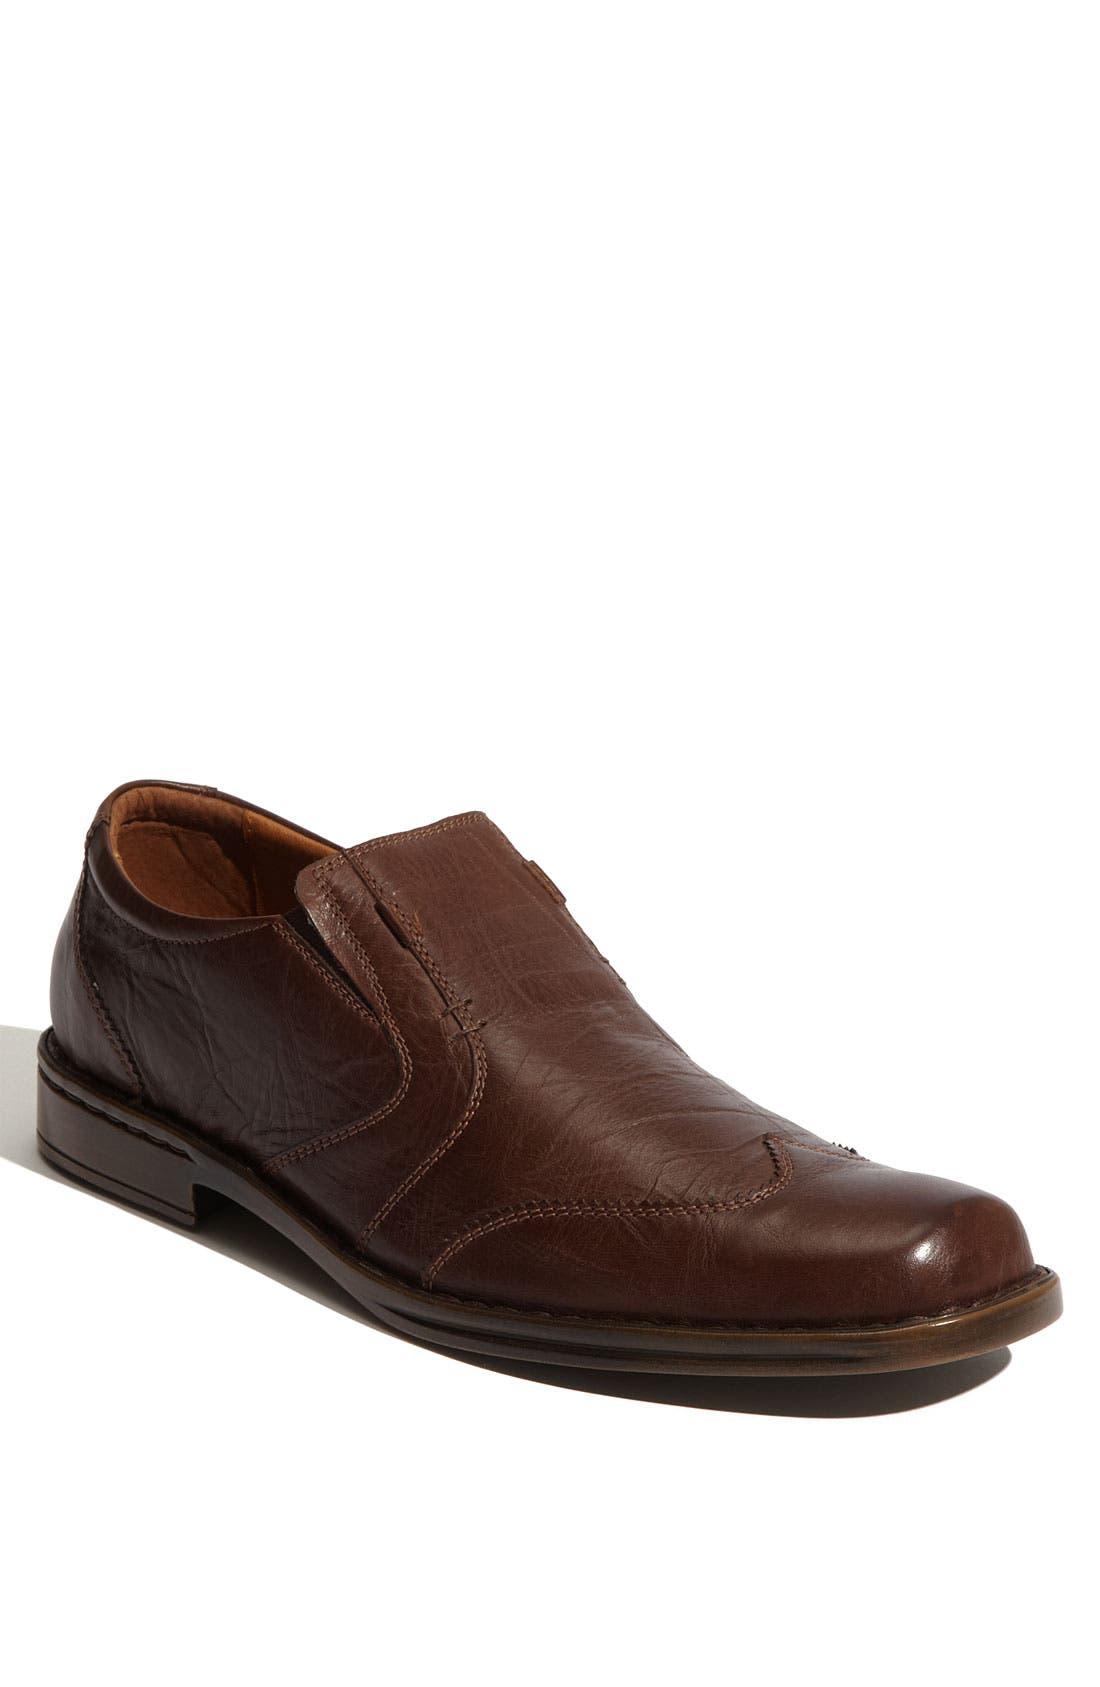 'Douglas' Venetian Loafer